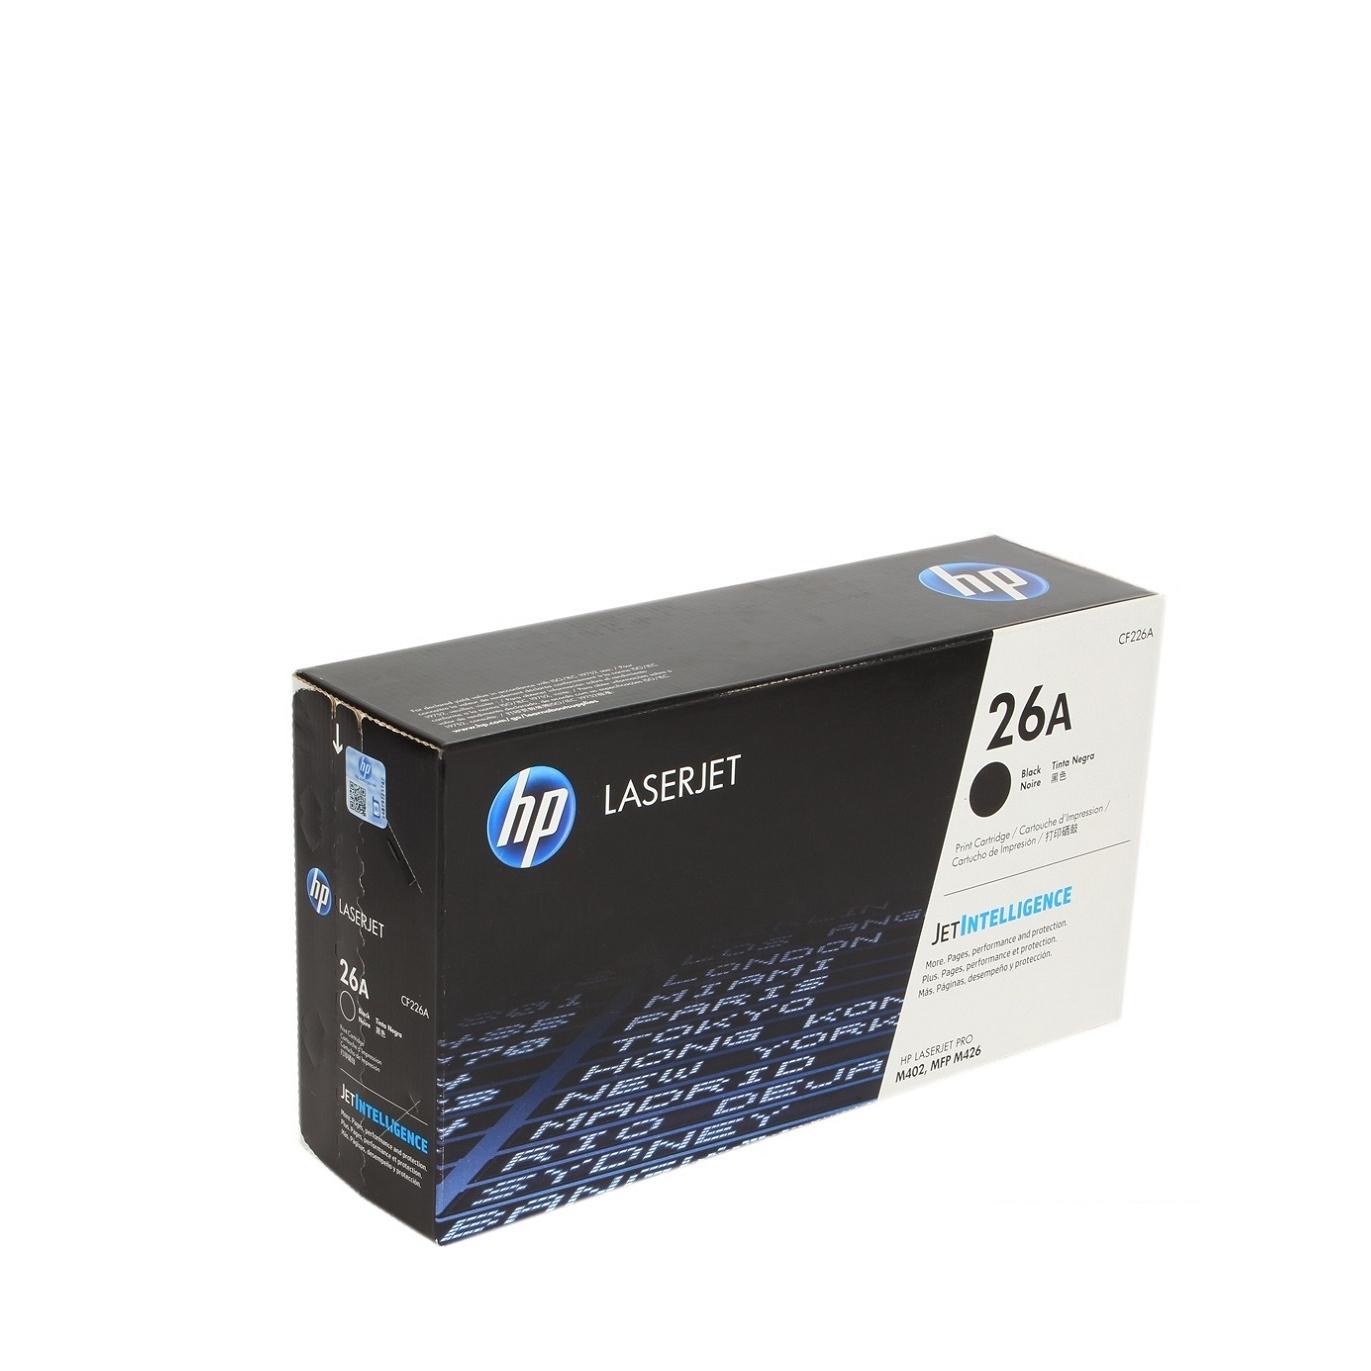 Лазерный картридж 26A CF226A